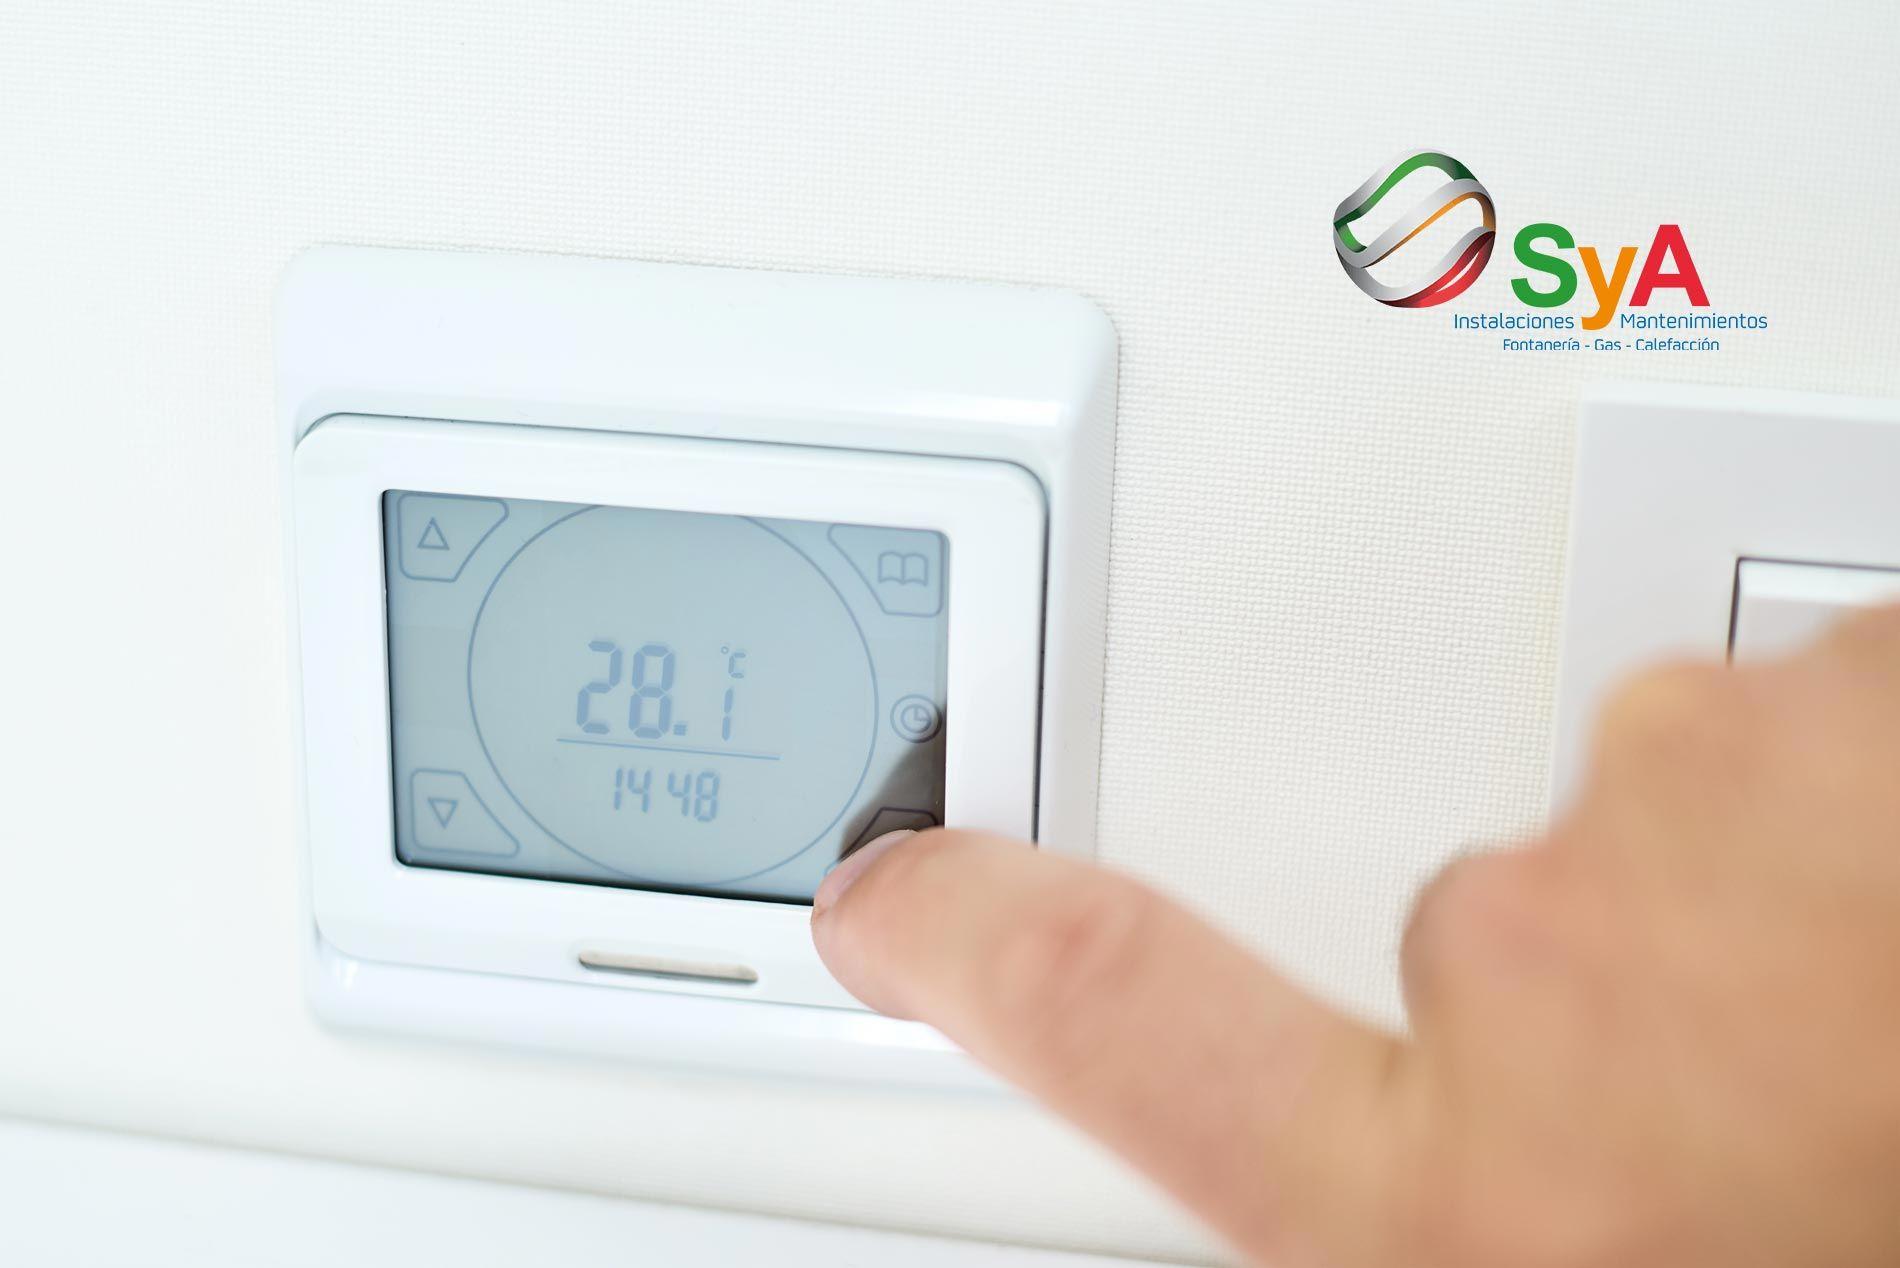 SYA Instalaciones da las claves para proteger del frío una casa ante las bajas temperaturas